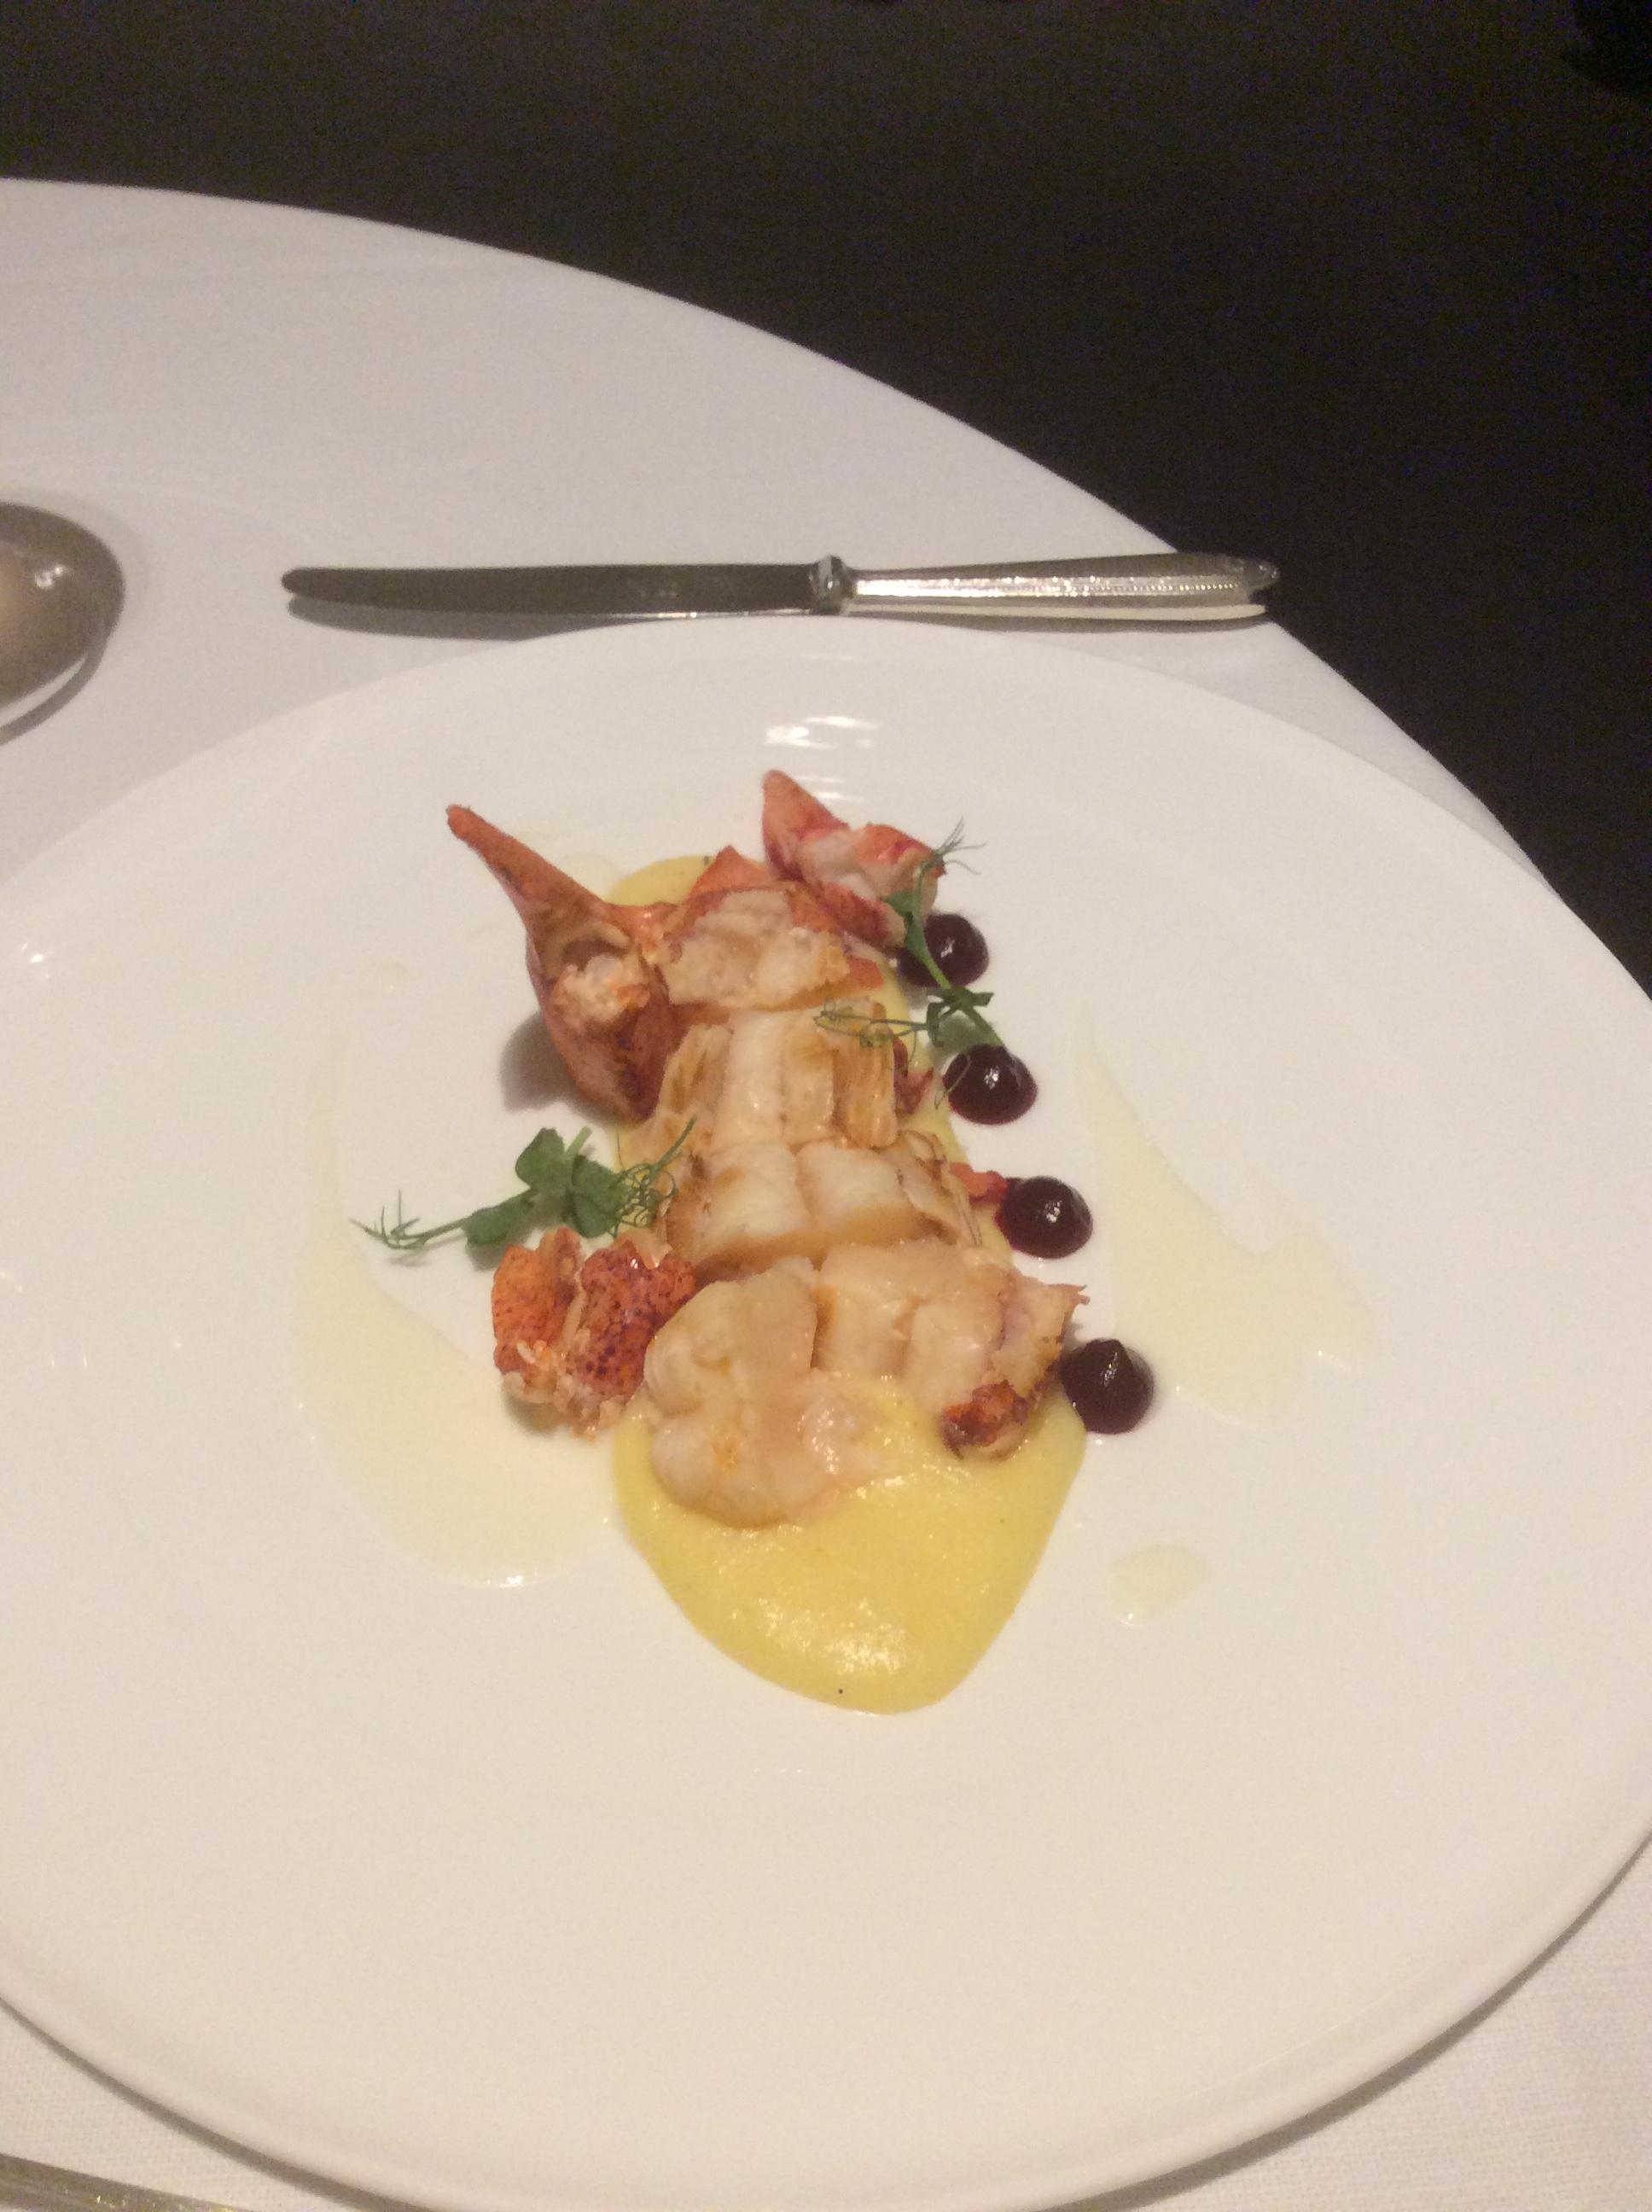 http://gourmet-italian.com/3987.JPG